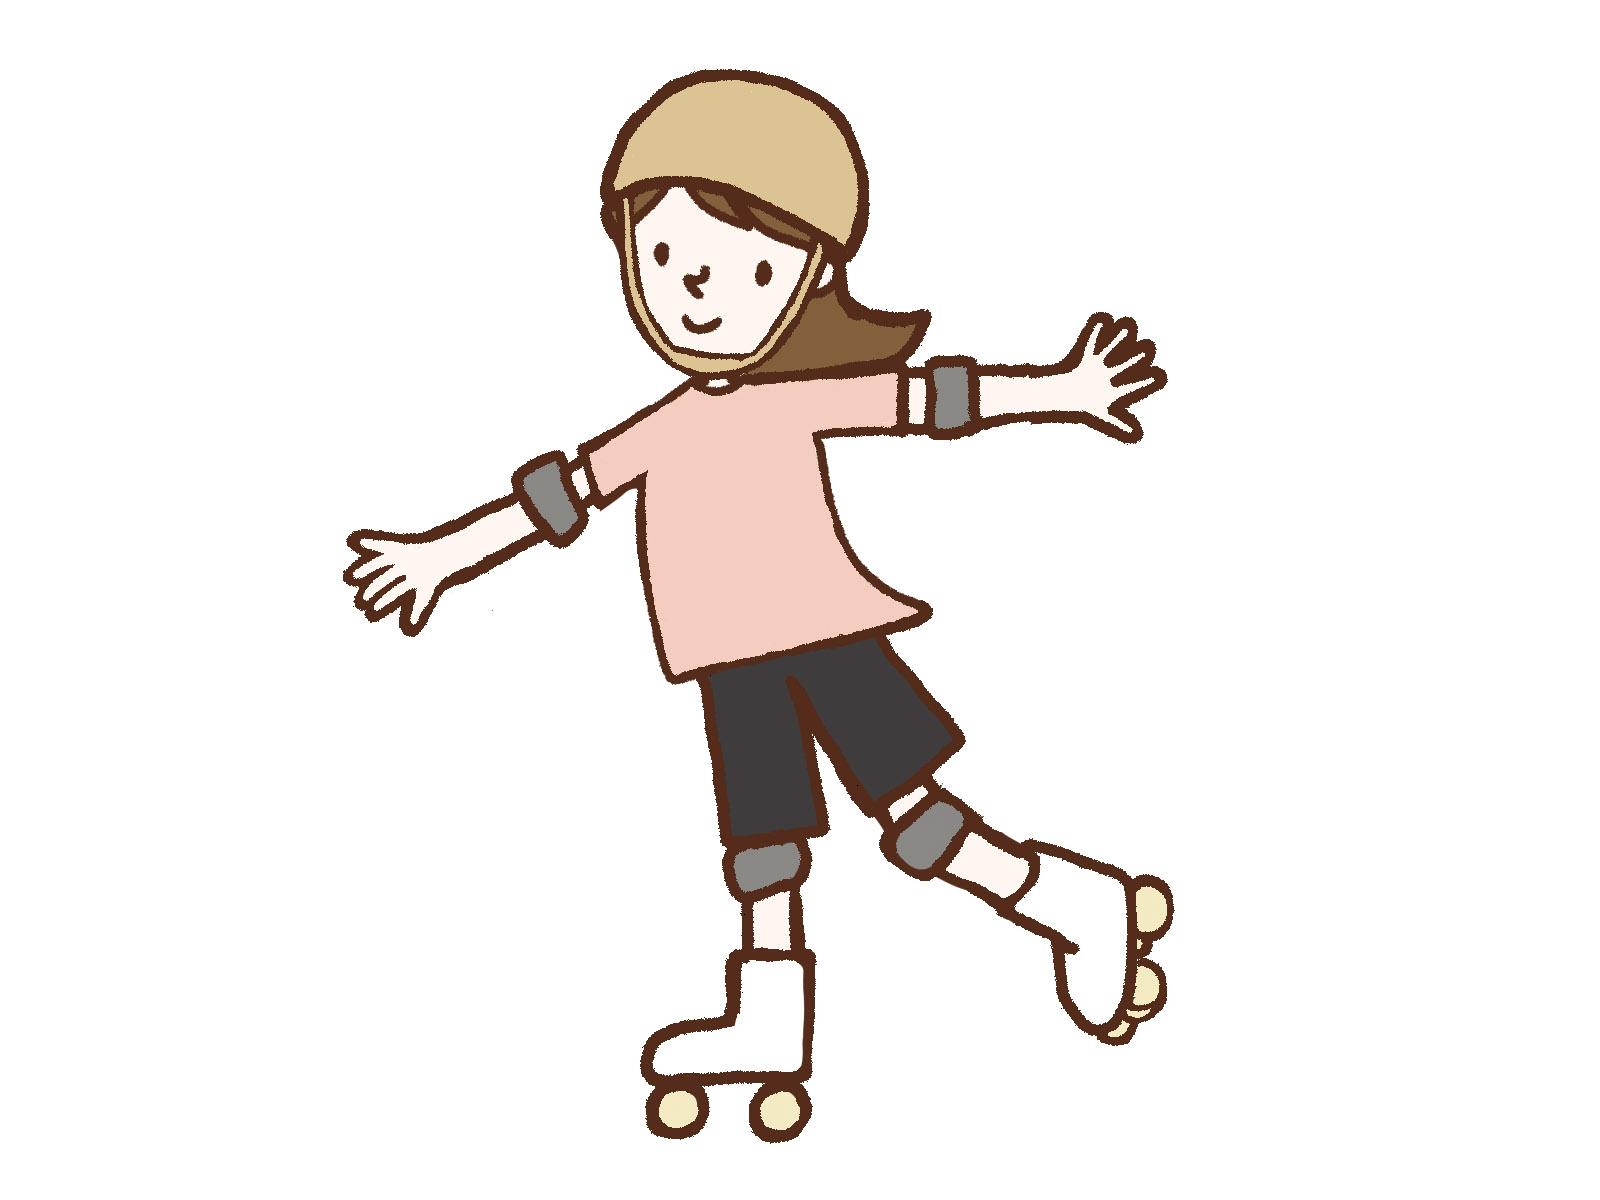 板橋駅 貸し倉庫 トランクルーム使い方色々 ~ローラースケート~